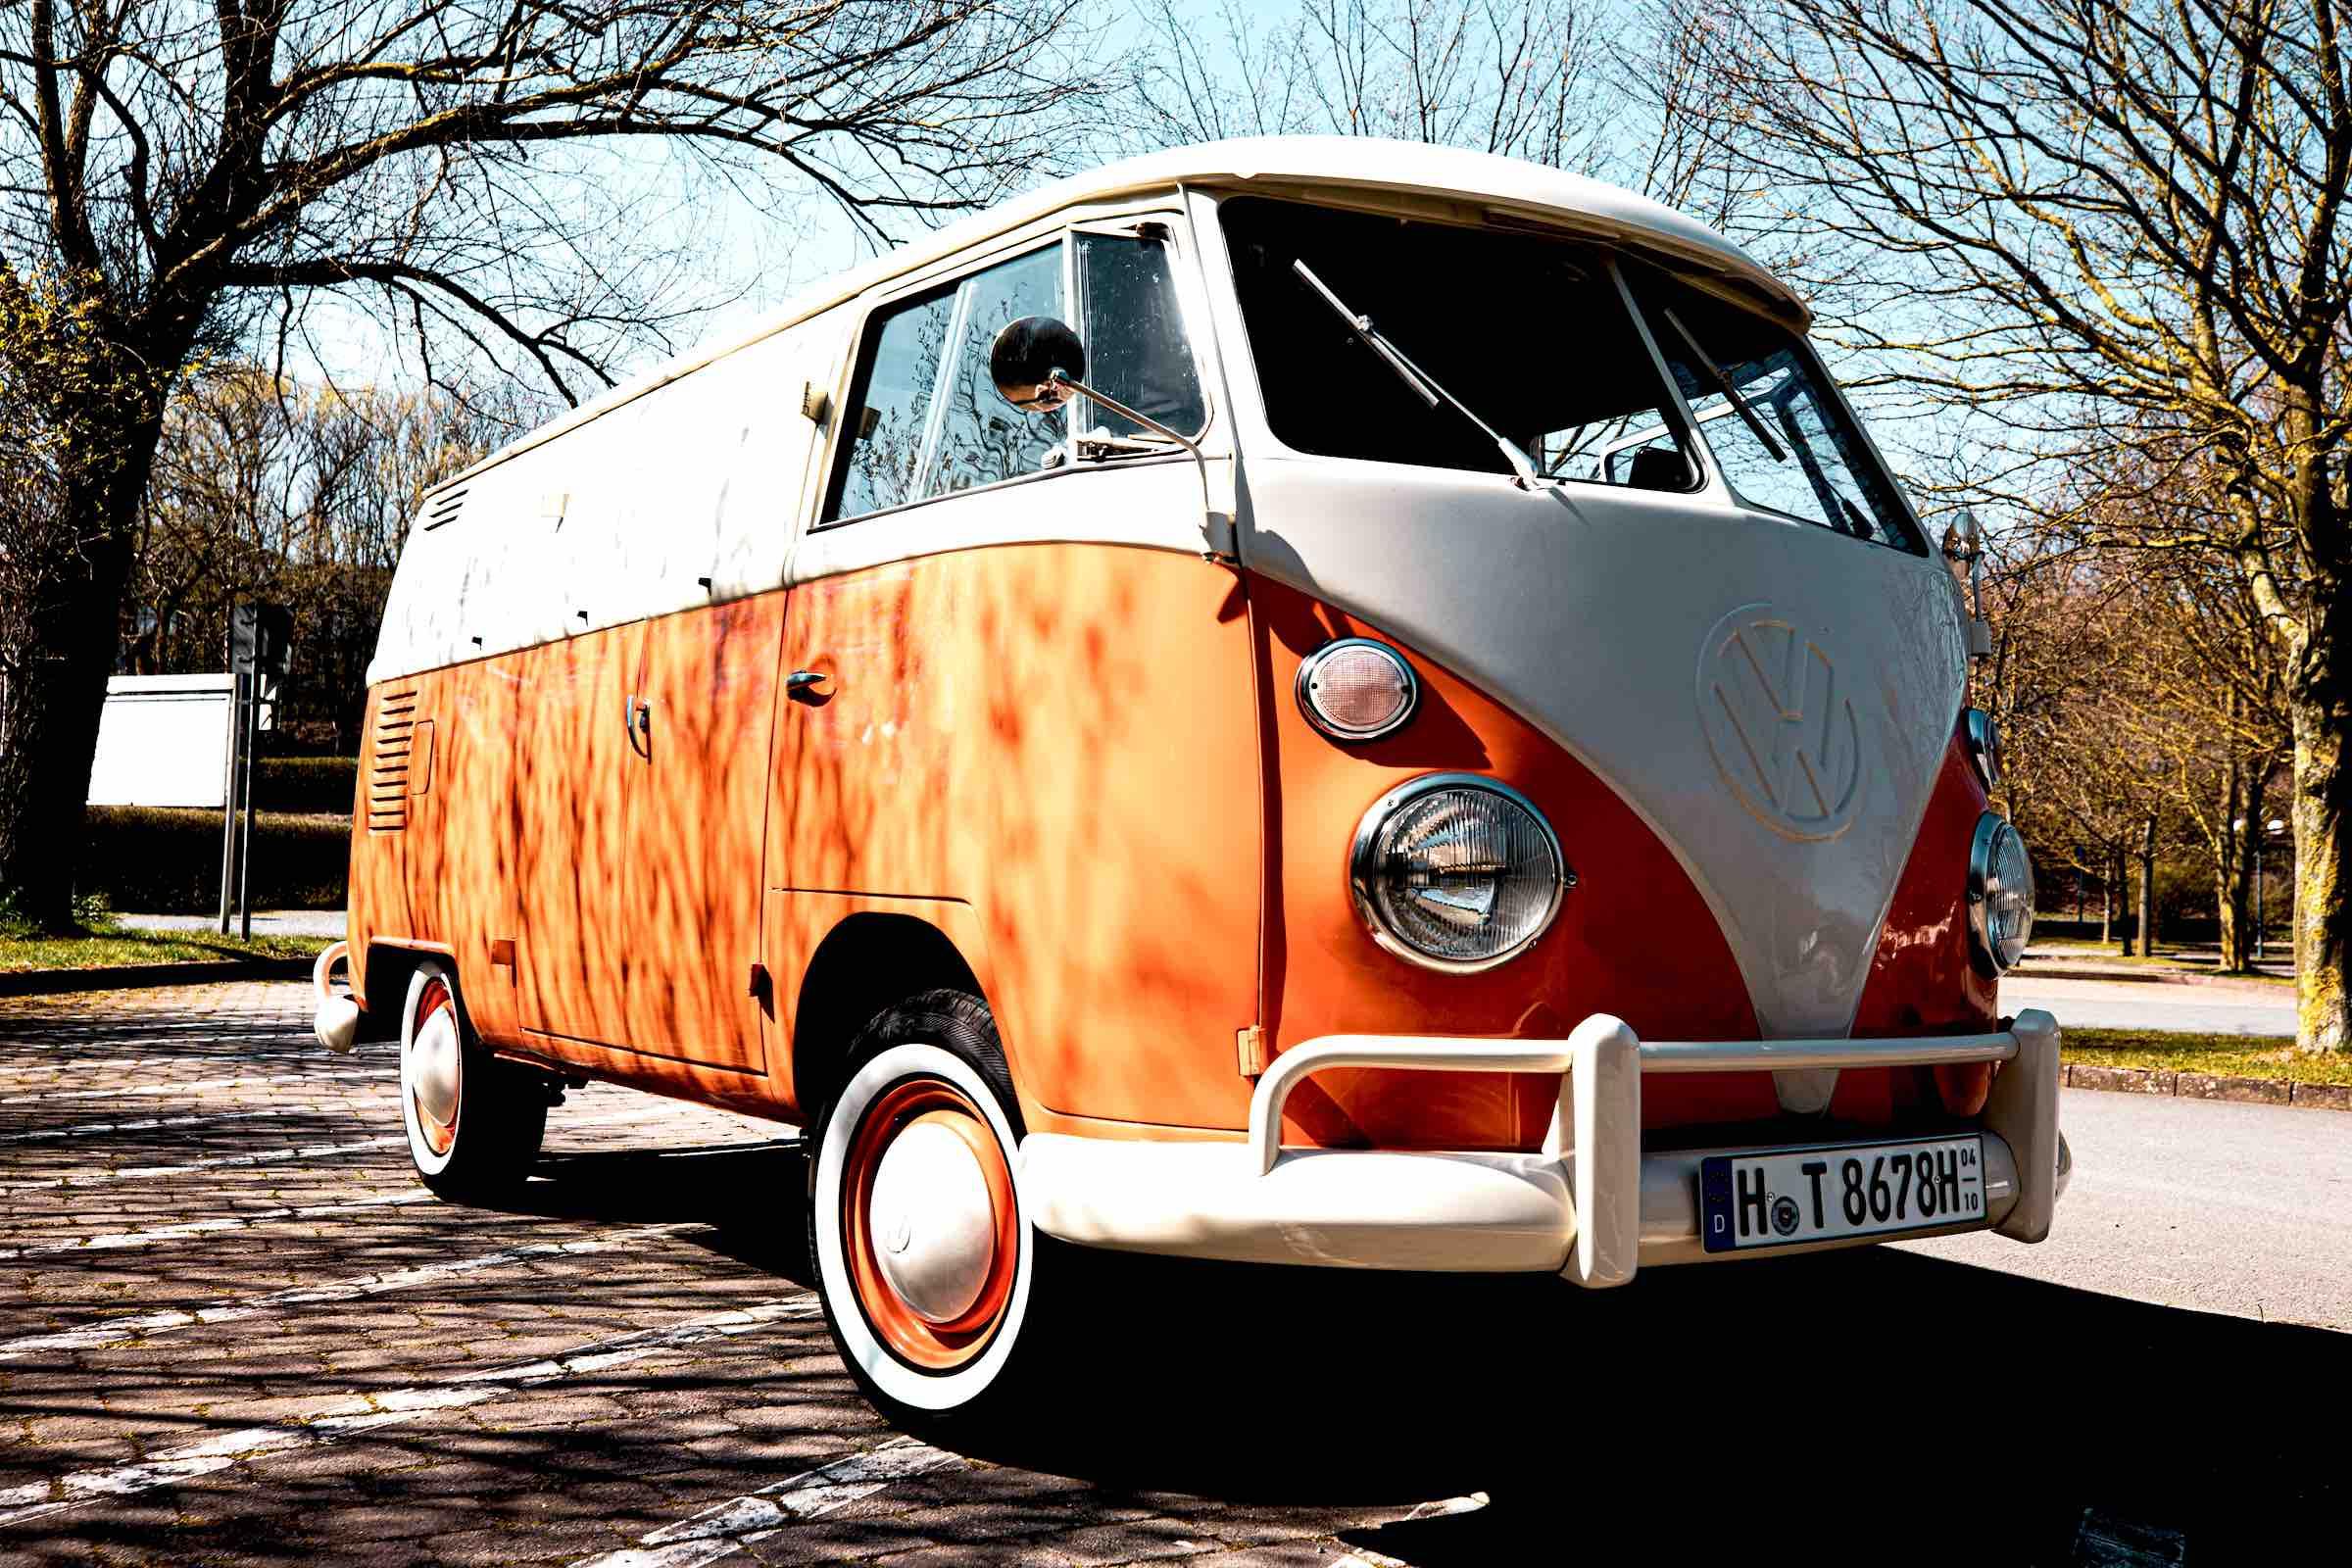 Hochzeitsauto | Oldtimer | Hochzeit | Auto | Hochzeit | Brautwagen | VW | Käfer | VW | T1 | Bulli | Brautauto | Event | Fahrzeuge | Mieten | Buchen | Anfragen | Hannover